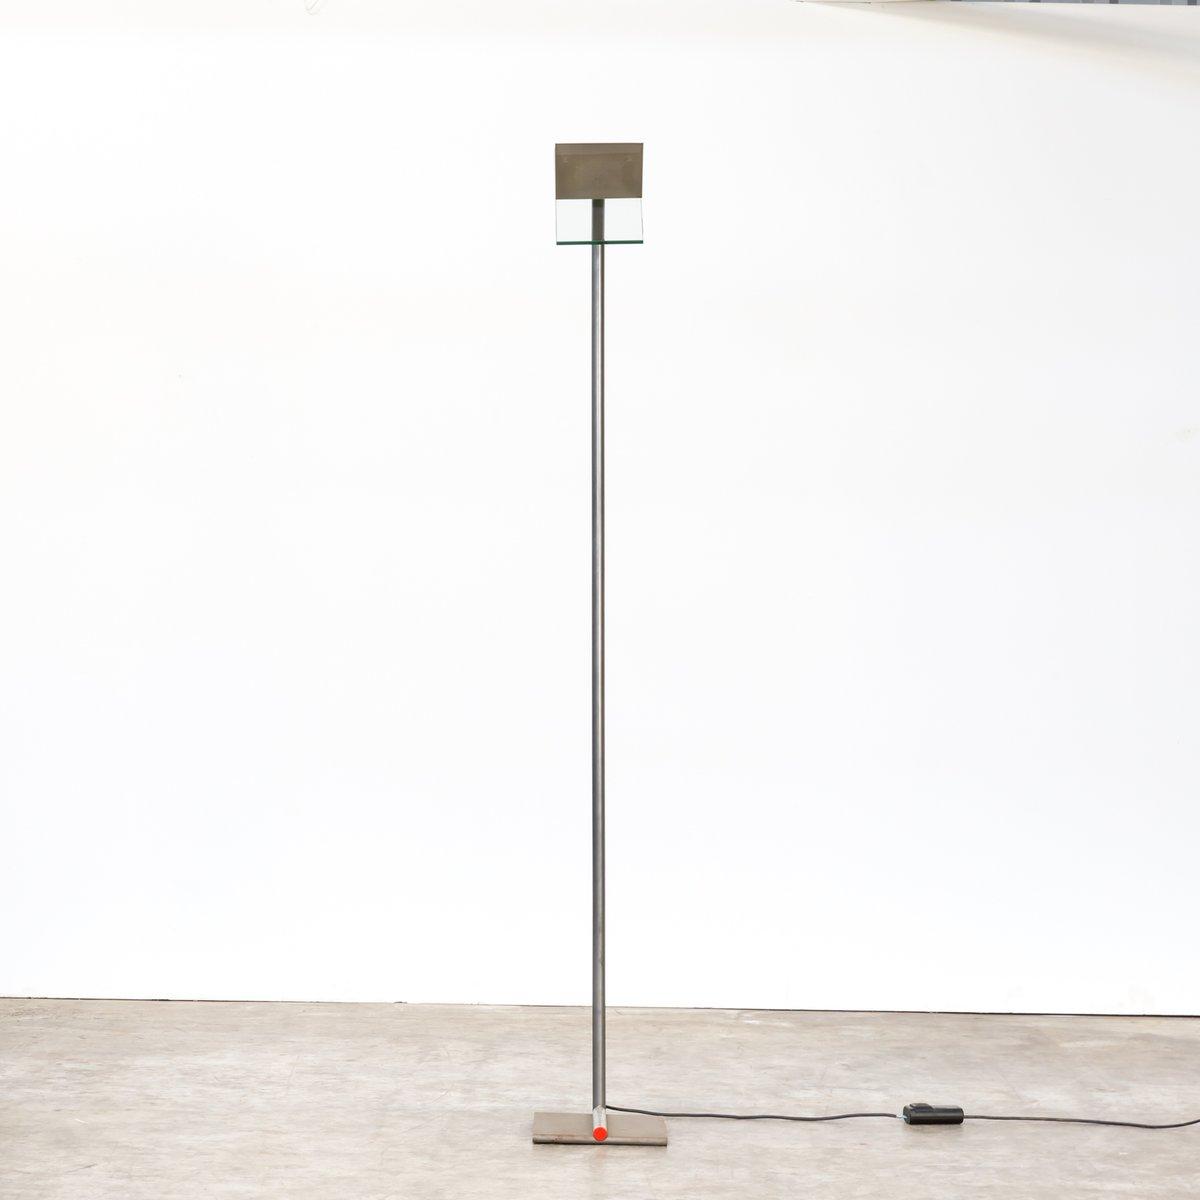 Halogen Stehlampe, 1980er